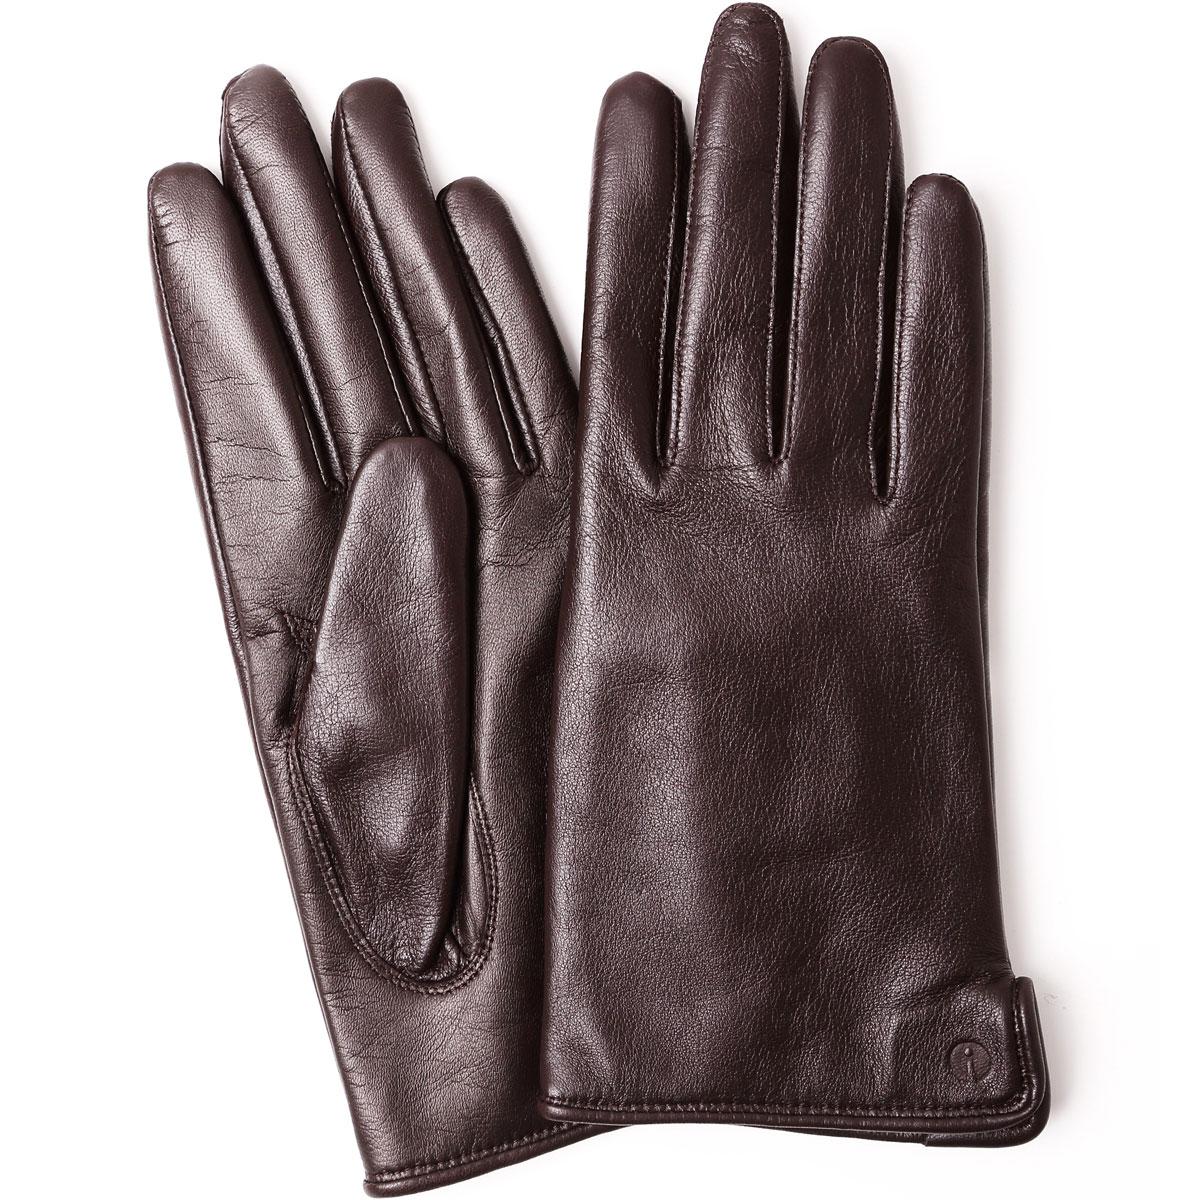 手袋 アイタッチグローブ Leather S レディース 2019-2020新作 スマートフォン・タブレット対応 機能性手袋 スマホ タッチパネル対応 iTouch Gloves 本革レザー Sサイズ 女性用 ブラウン